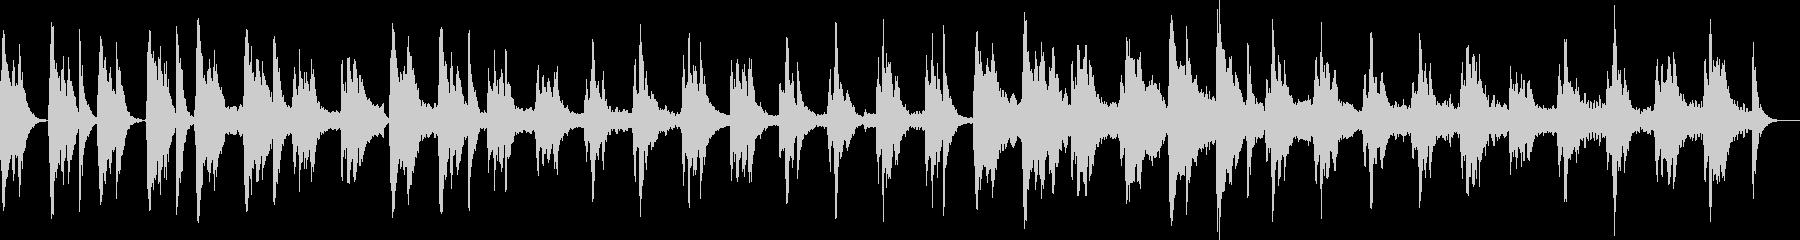 ピッチカートとフルートのこっそり曲の未再生の波形